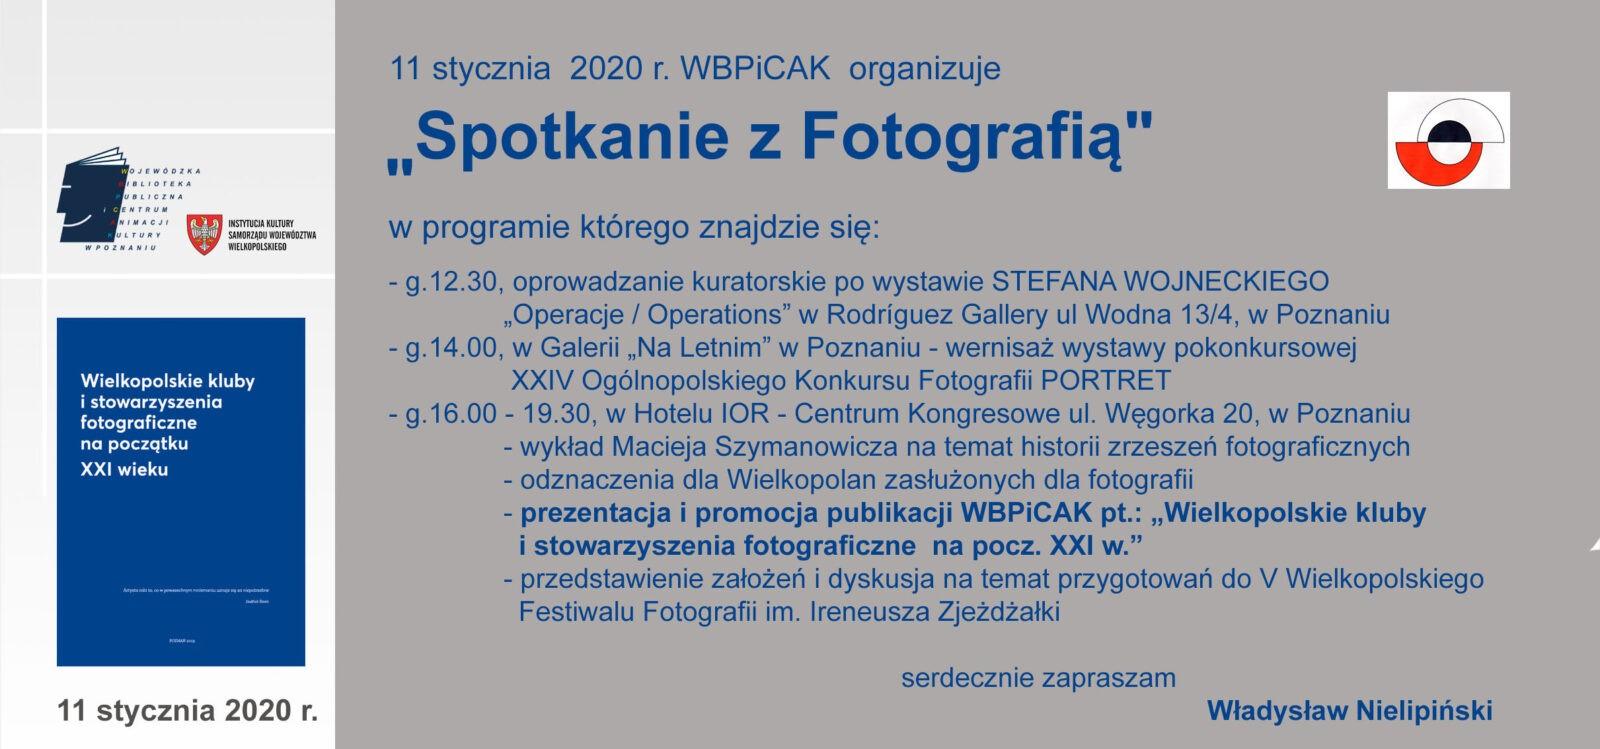 Spotkanie z fotografią. Poznań 11.01.2020